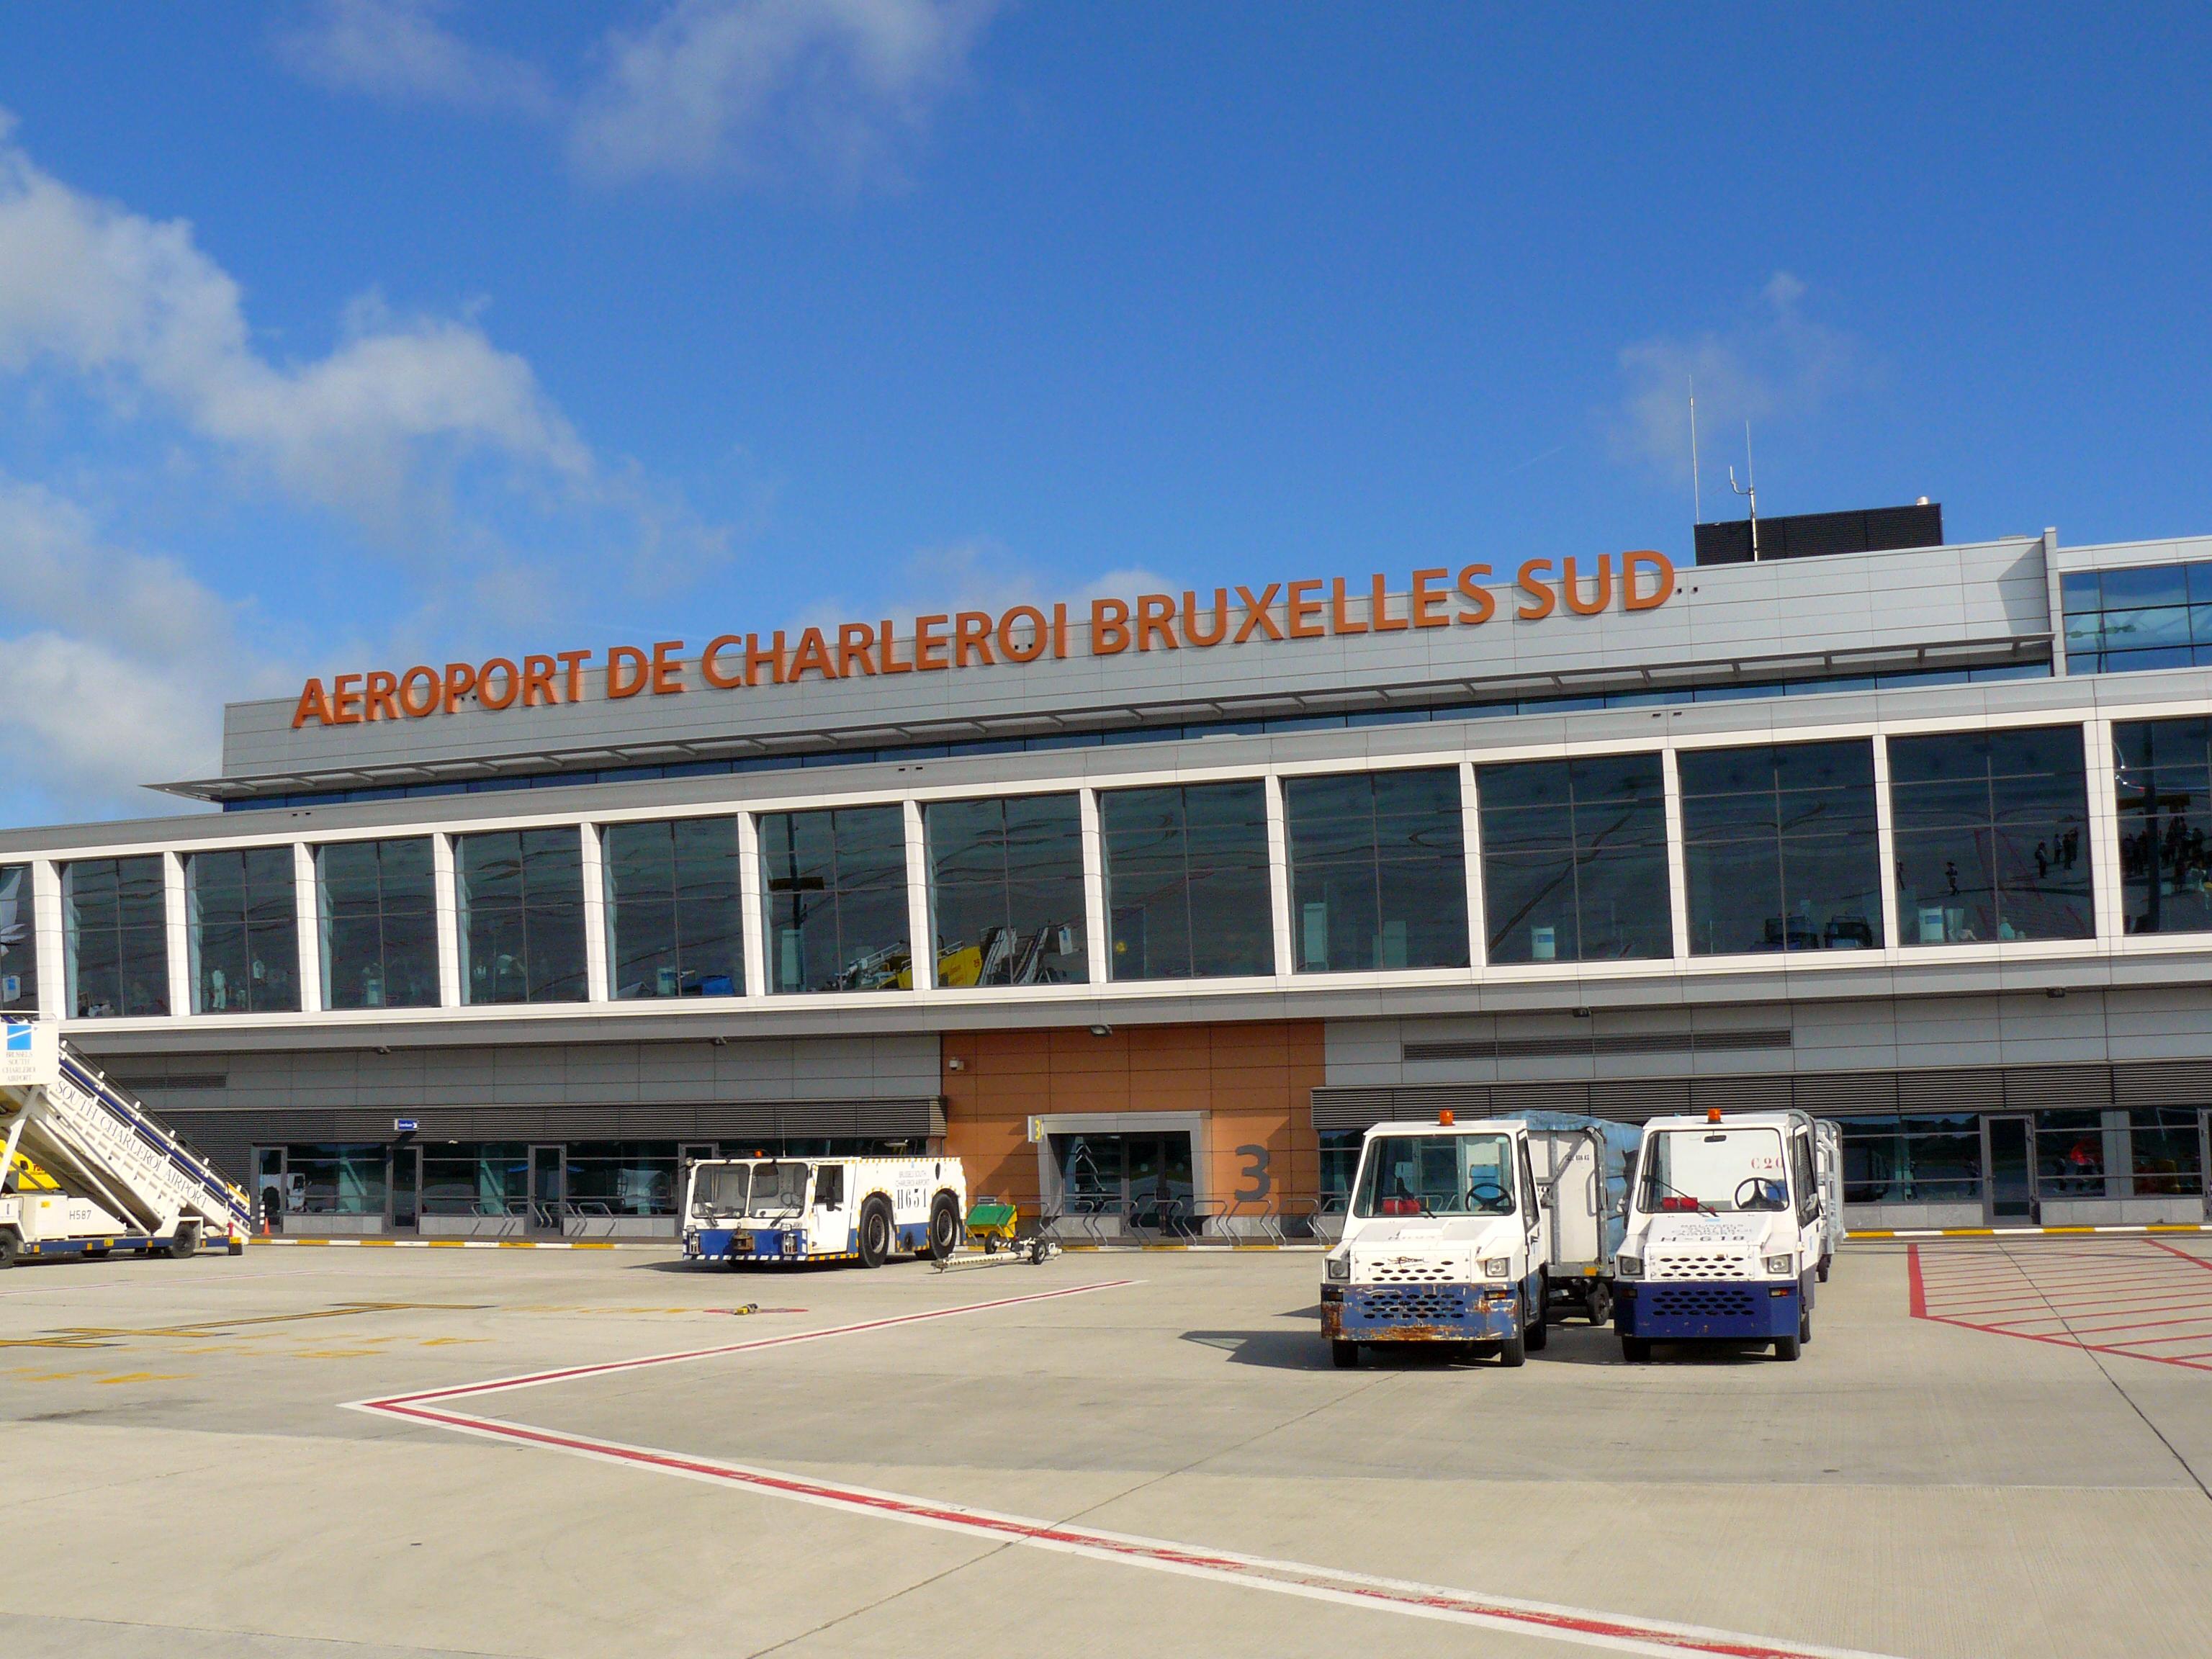 Aeroport_de_Charleroi_Bruxelles_Sud